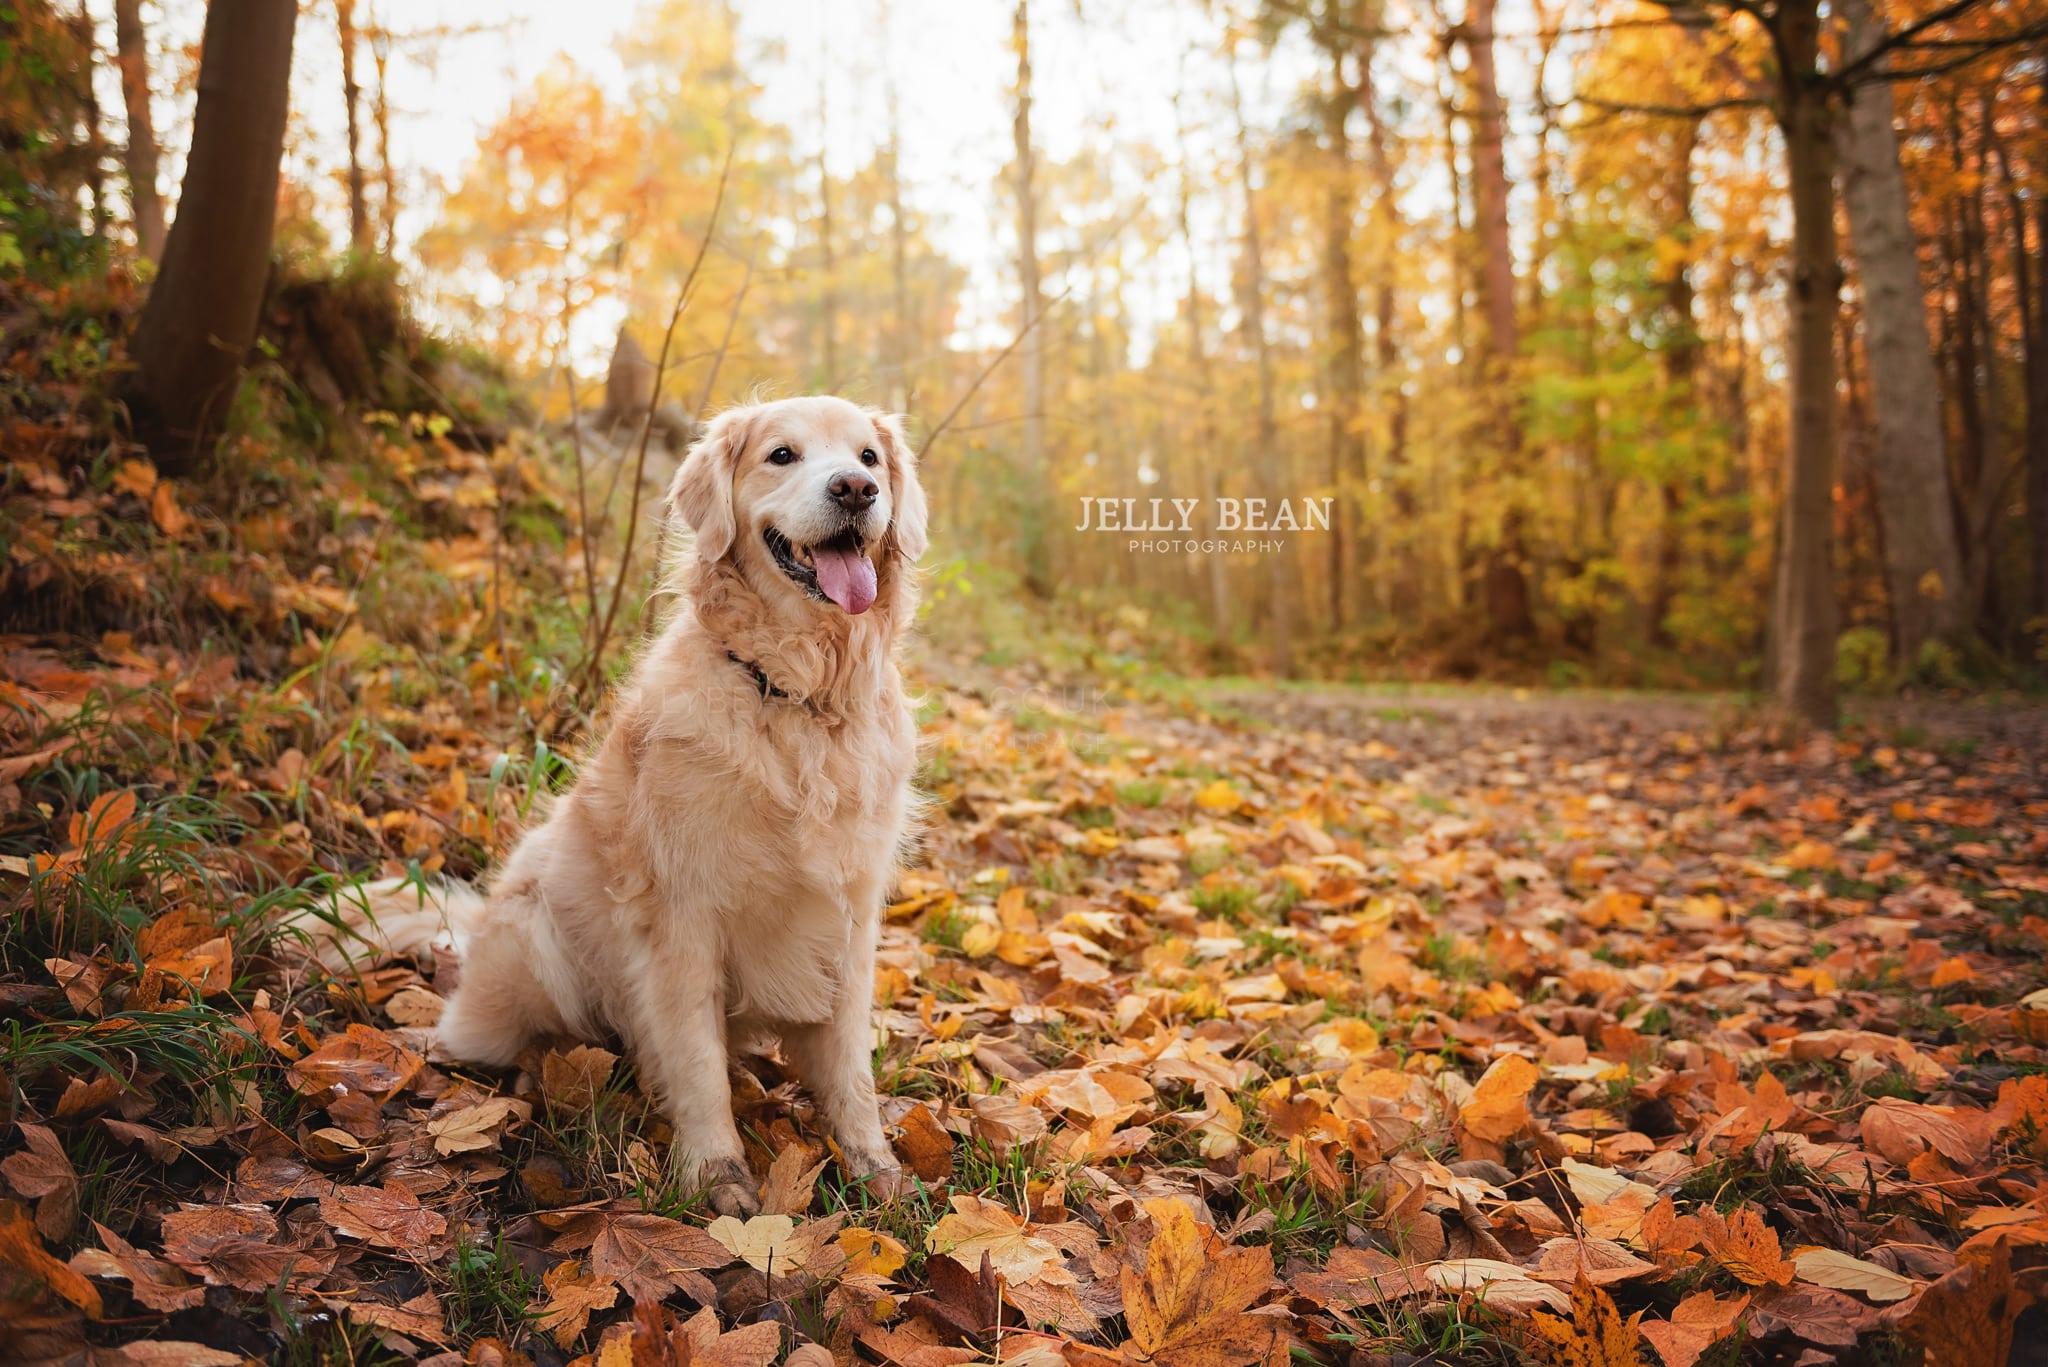 Golden Retriever sitting in leaves